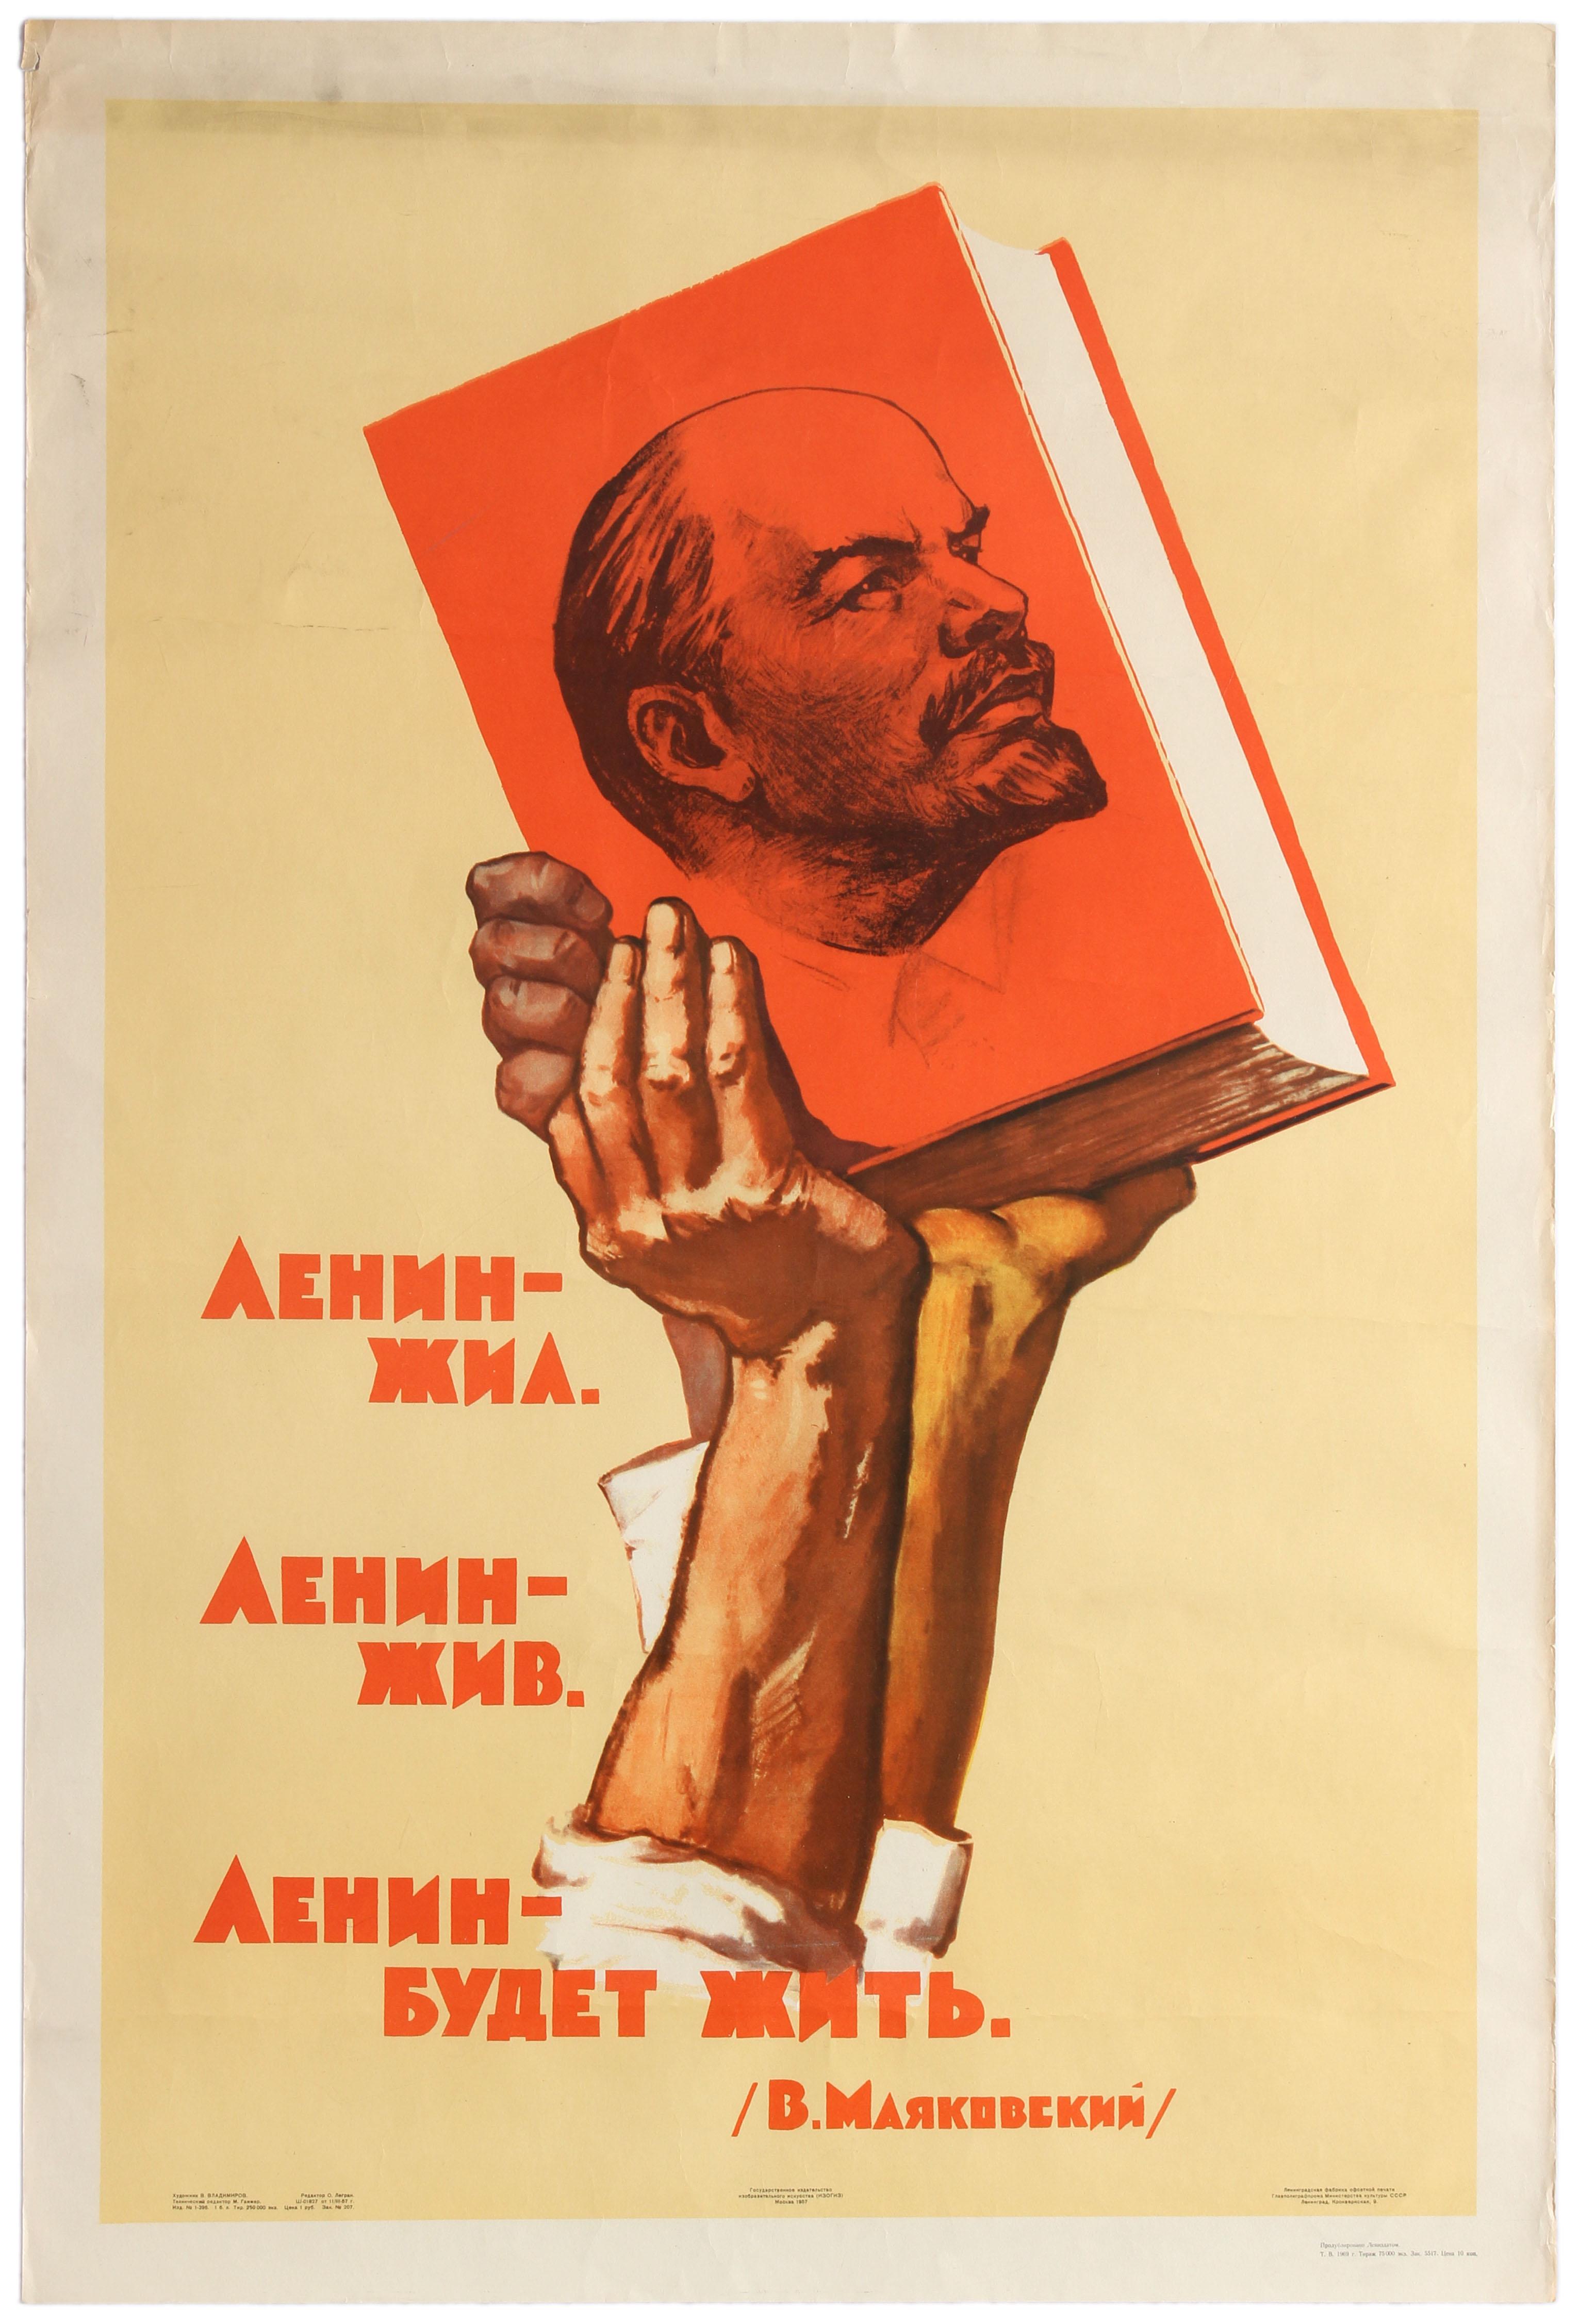 Lot 37 - Propaganda Poster Soviet Propaganda Poster 'Lenin lived, Lenin lives, Lenin will live' V.Mayakovsky